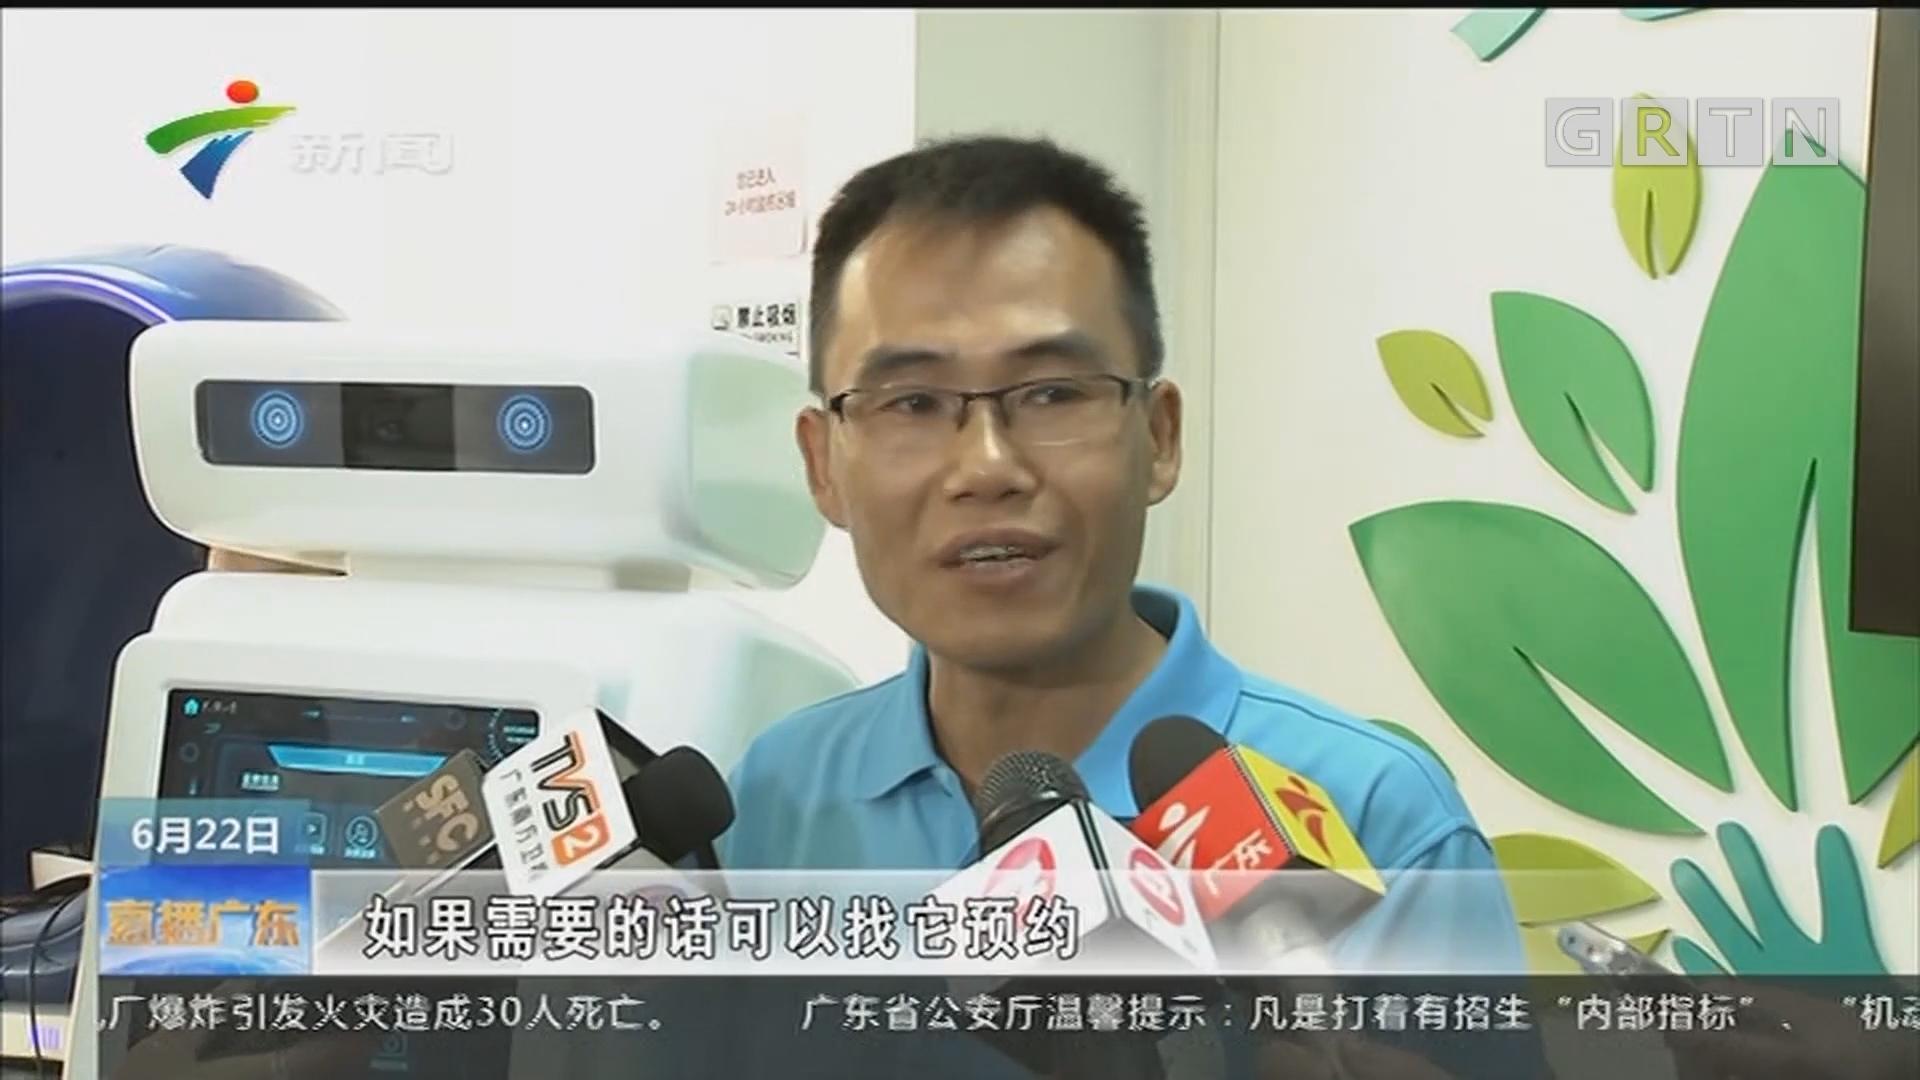 """广州:首个智能禁毒机器人""""天澈e号""""今天上岗"""